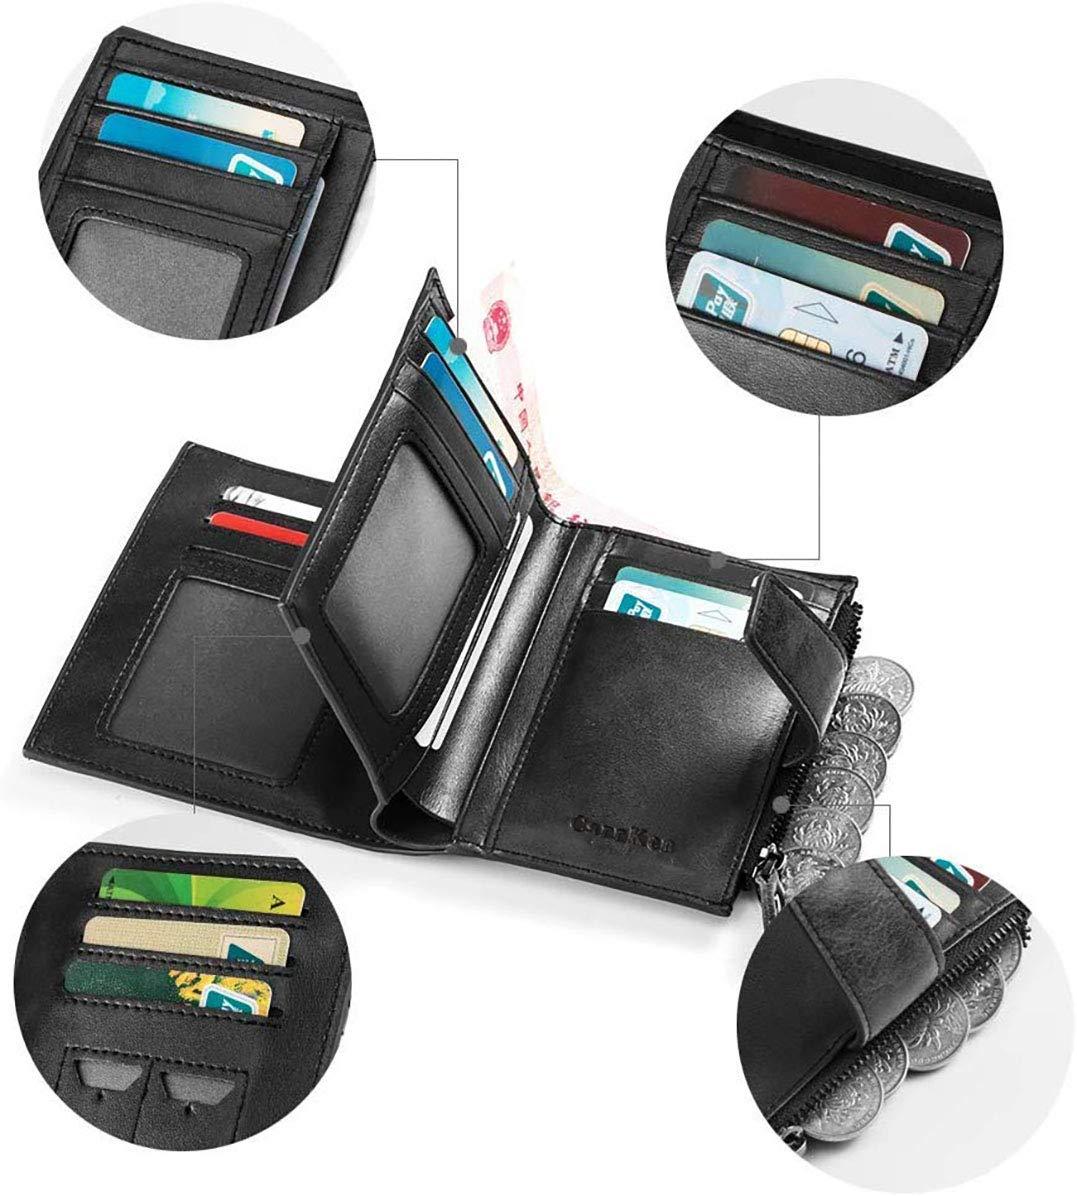 Portefeuille pour Hommes en PU avec RFID bloquant Un Porte-Cartes de cr/édit avec Porte-Cartes de cr/édit avec Poche /à Monnaie zipp/ée pour Hommes(H-7)